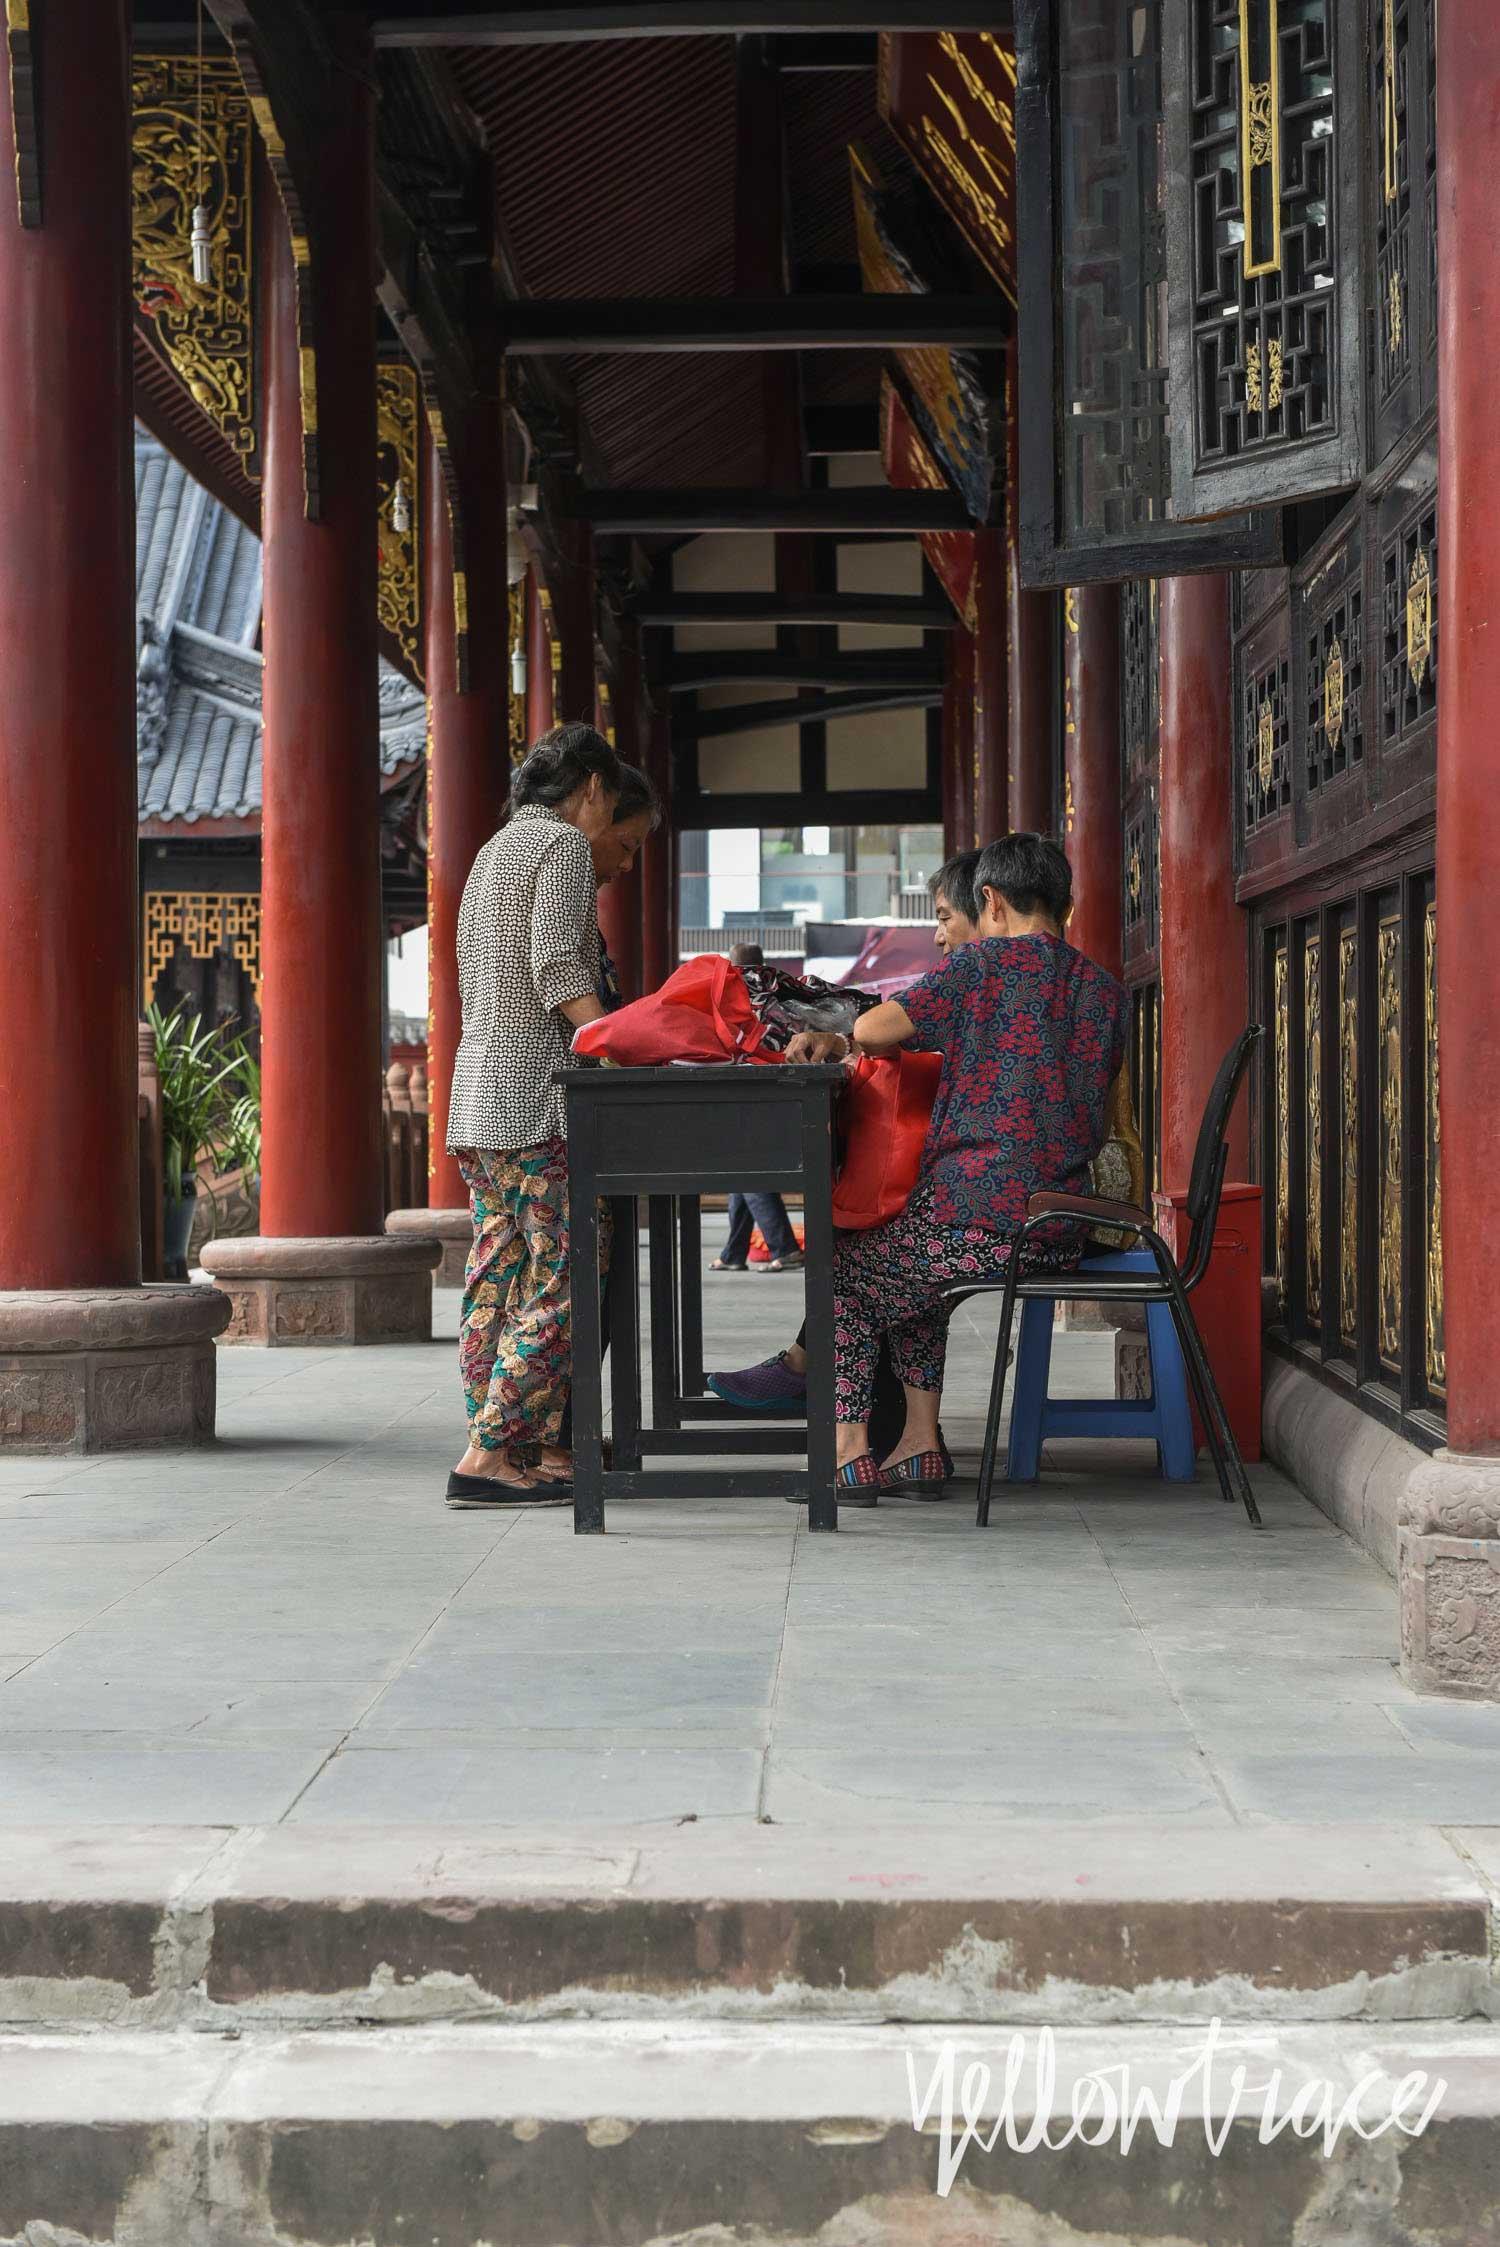 Daci Temple Community Chengdu China, Photo © Nick Hughes | Yellowtrace